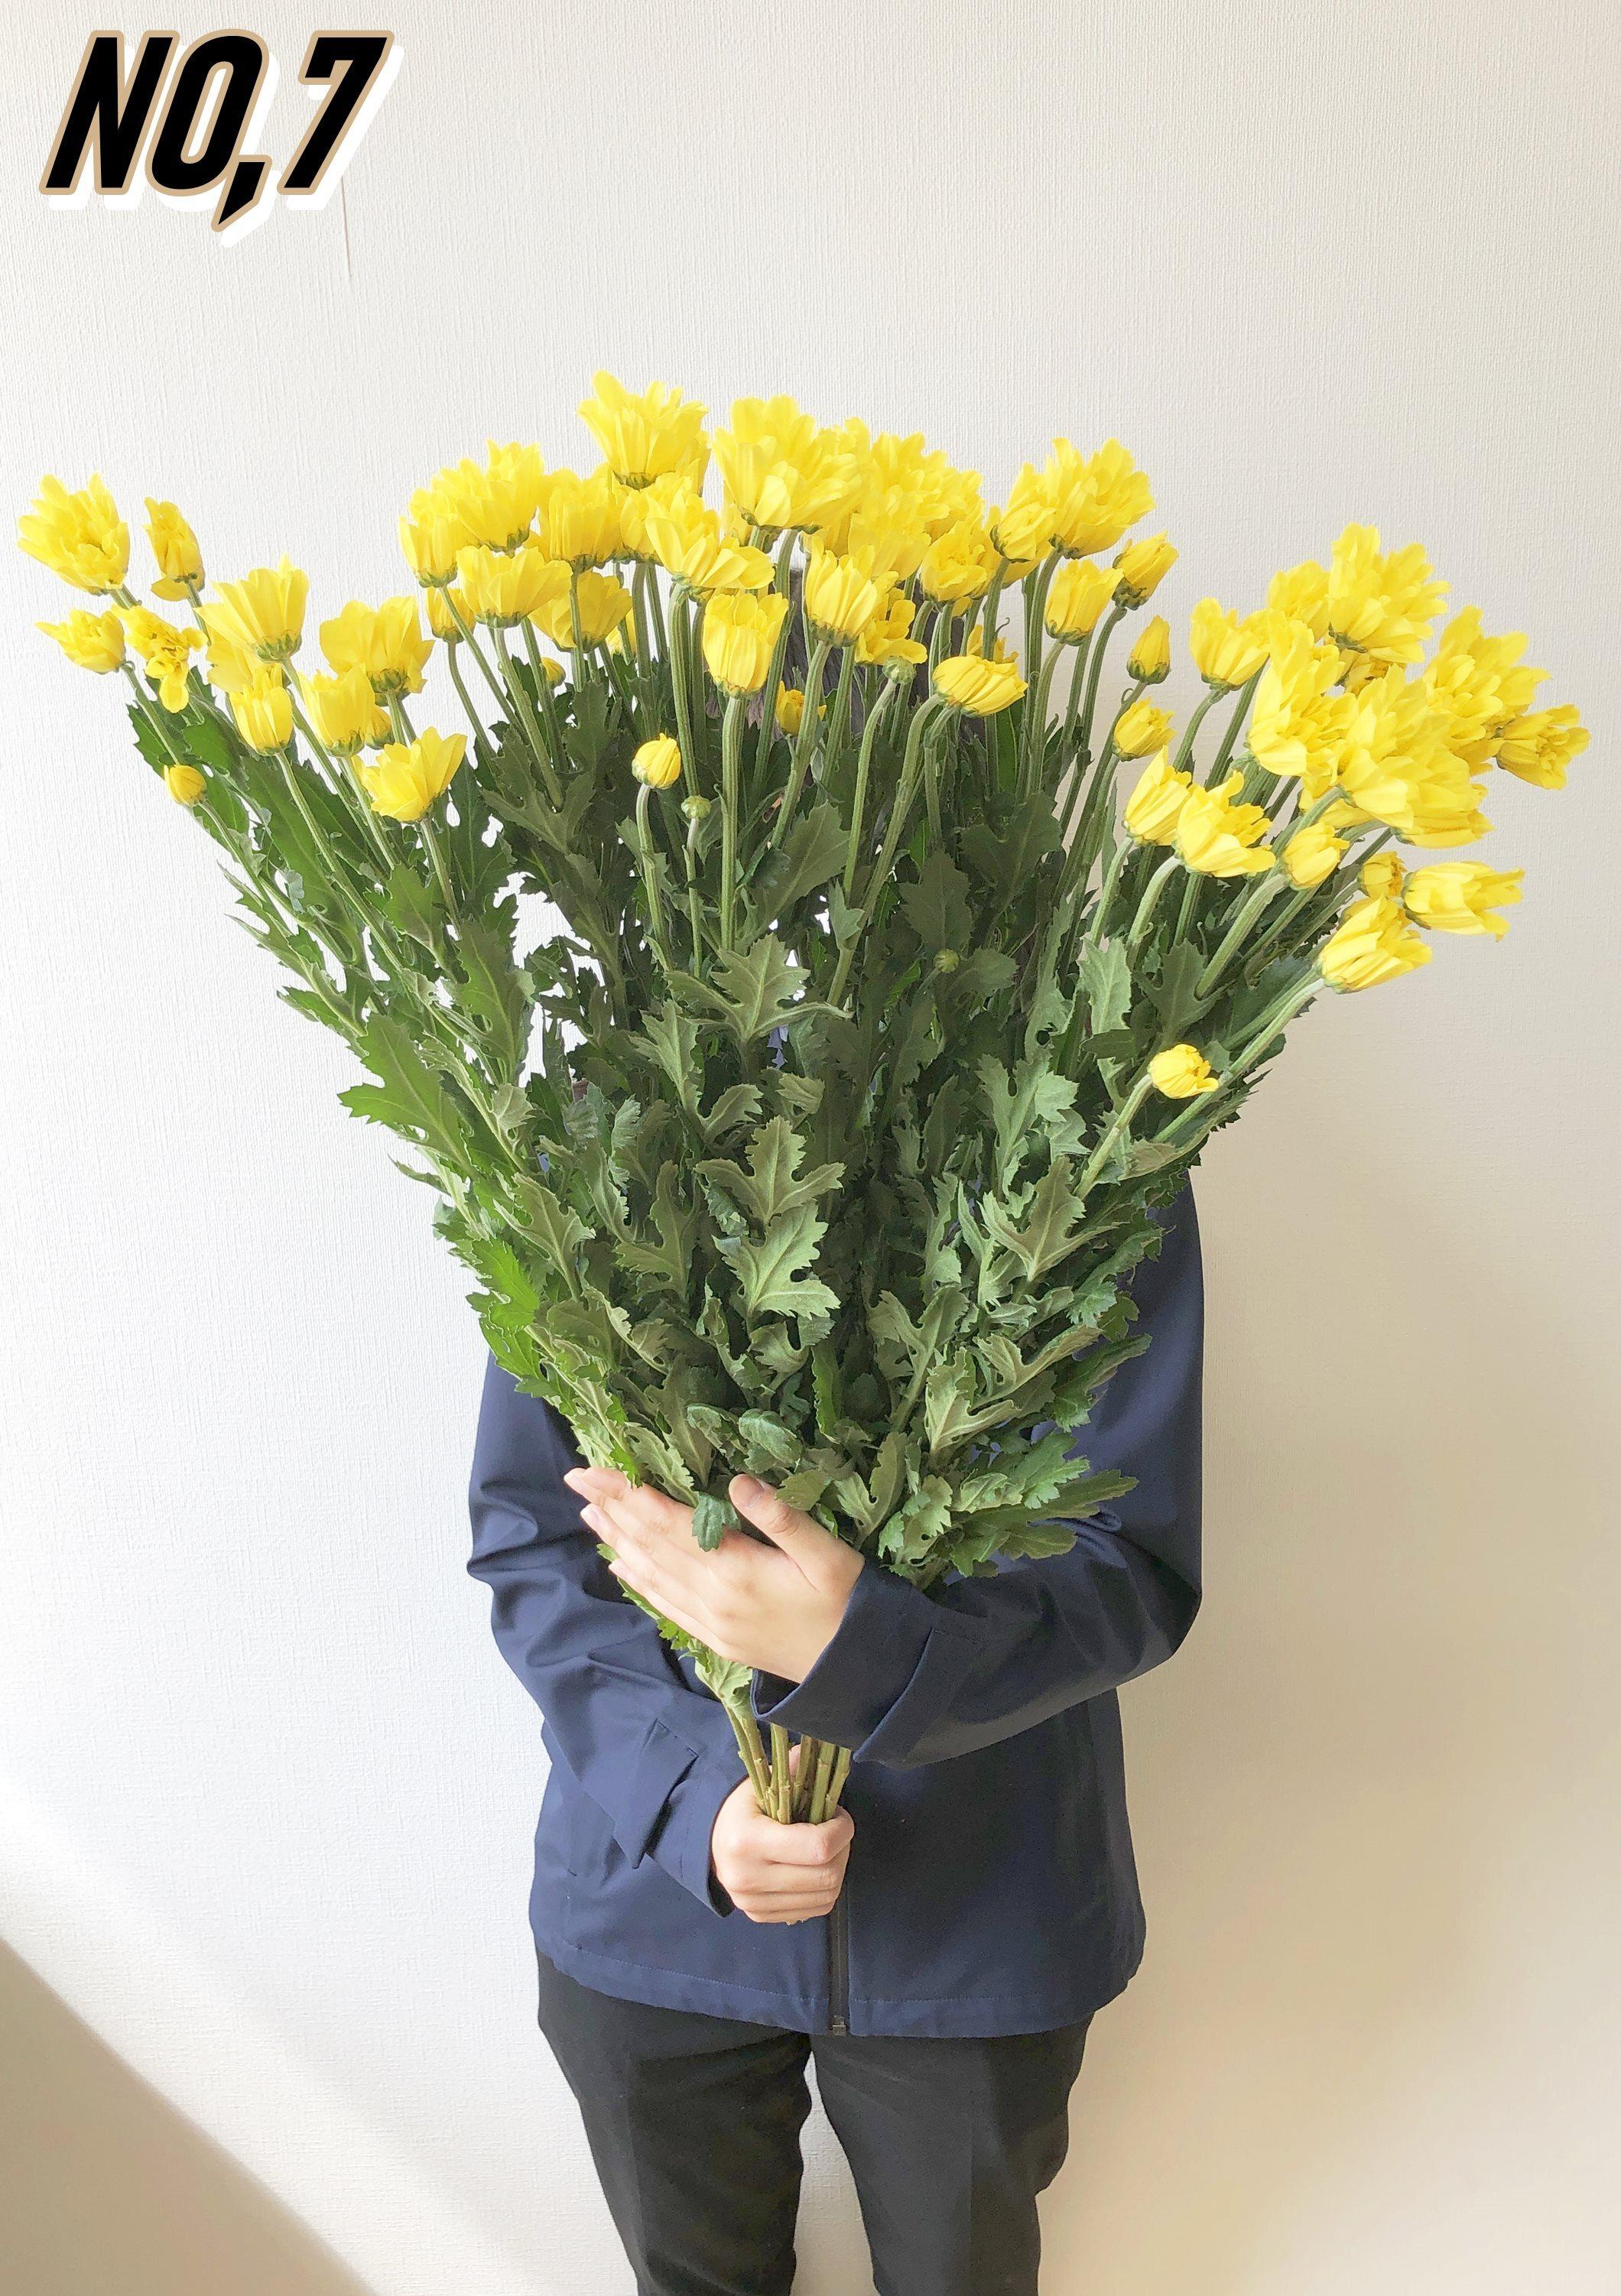 ★送料無料 お墓参りへ行こう!国産お供え花シェアBOX30 №4【ロスフラワー救済!】